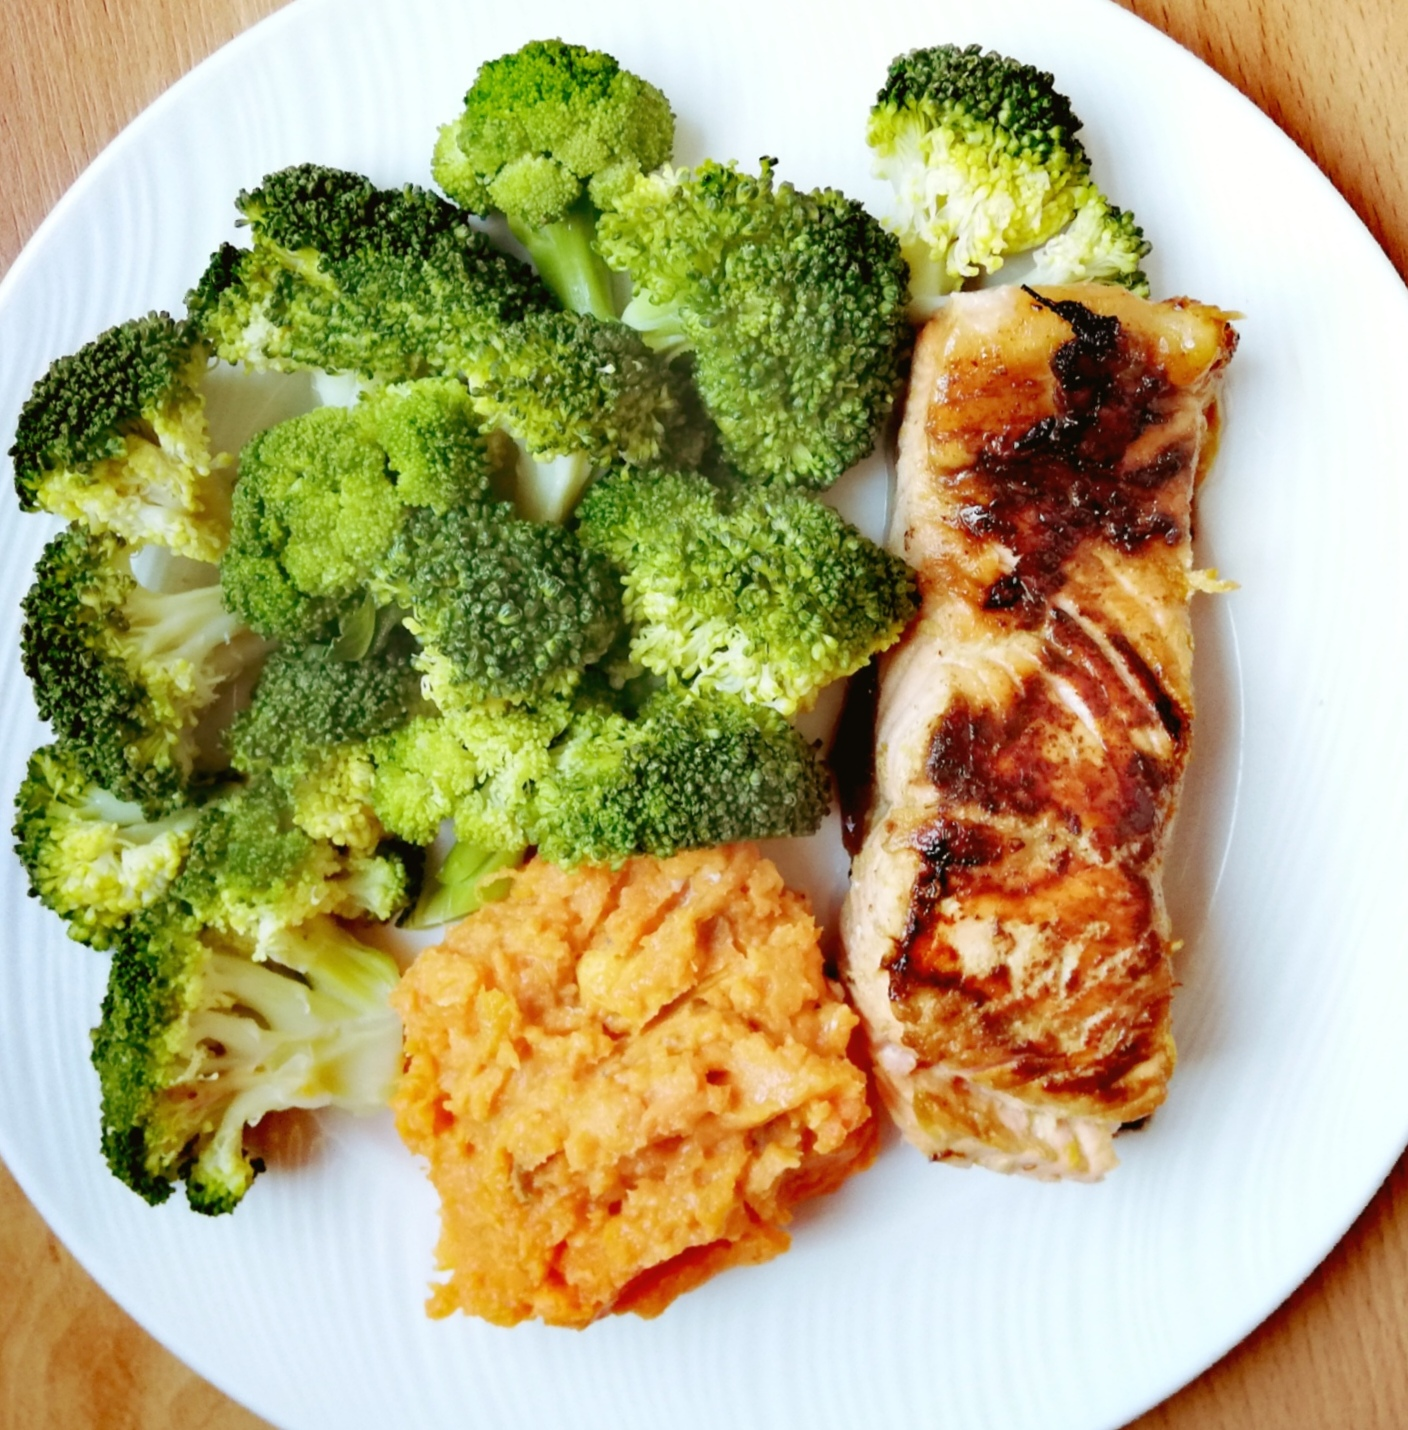 Salmón marinado con soja, boniato asado y brócoli al vapor